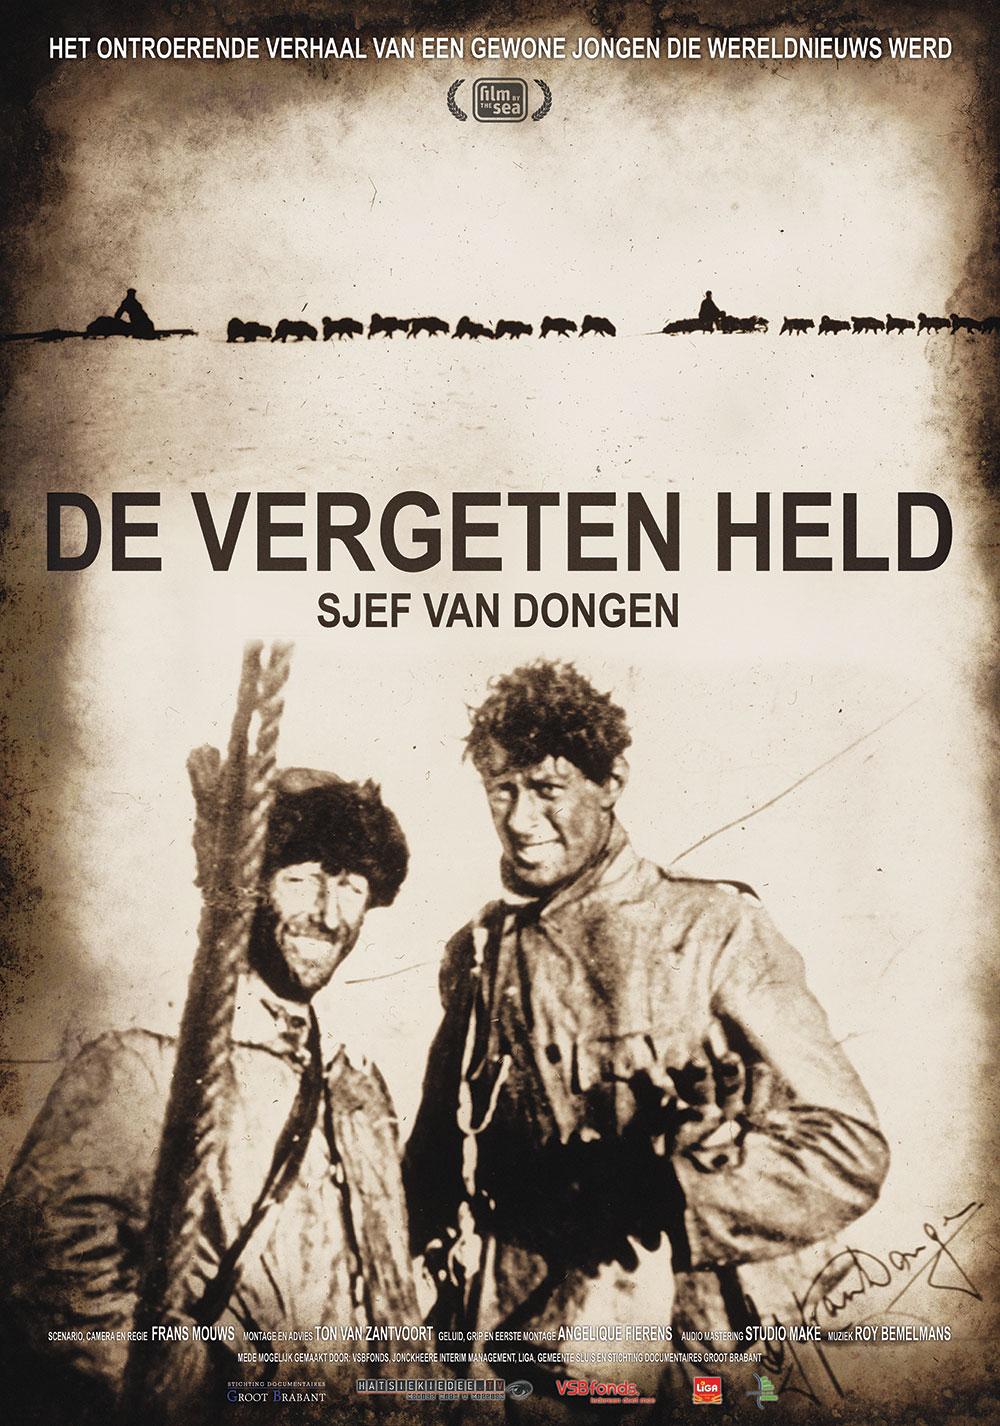 de-vergeten-held-sjef-van-dongen-documentaire-poster